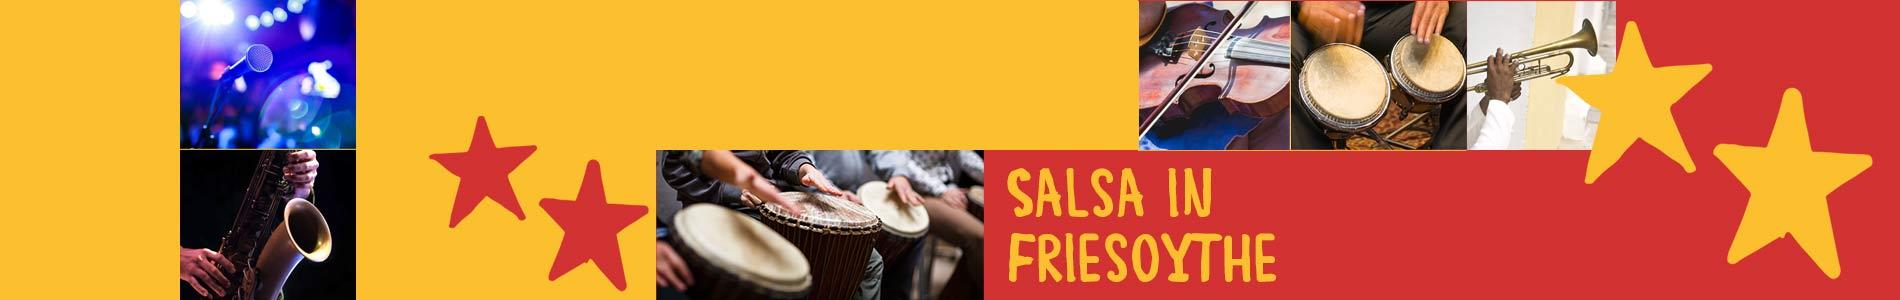 Salsa in Friesoythe – Salsa lernen und tanzen, Tanzkurse, Partys, Veranstaltungen